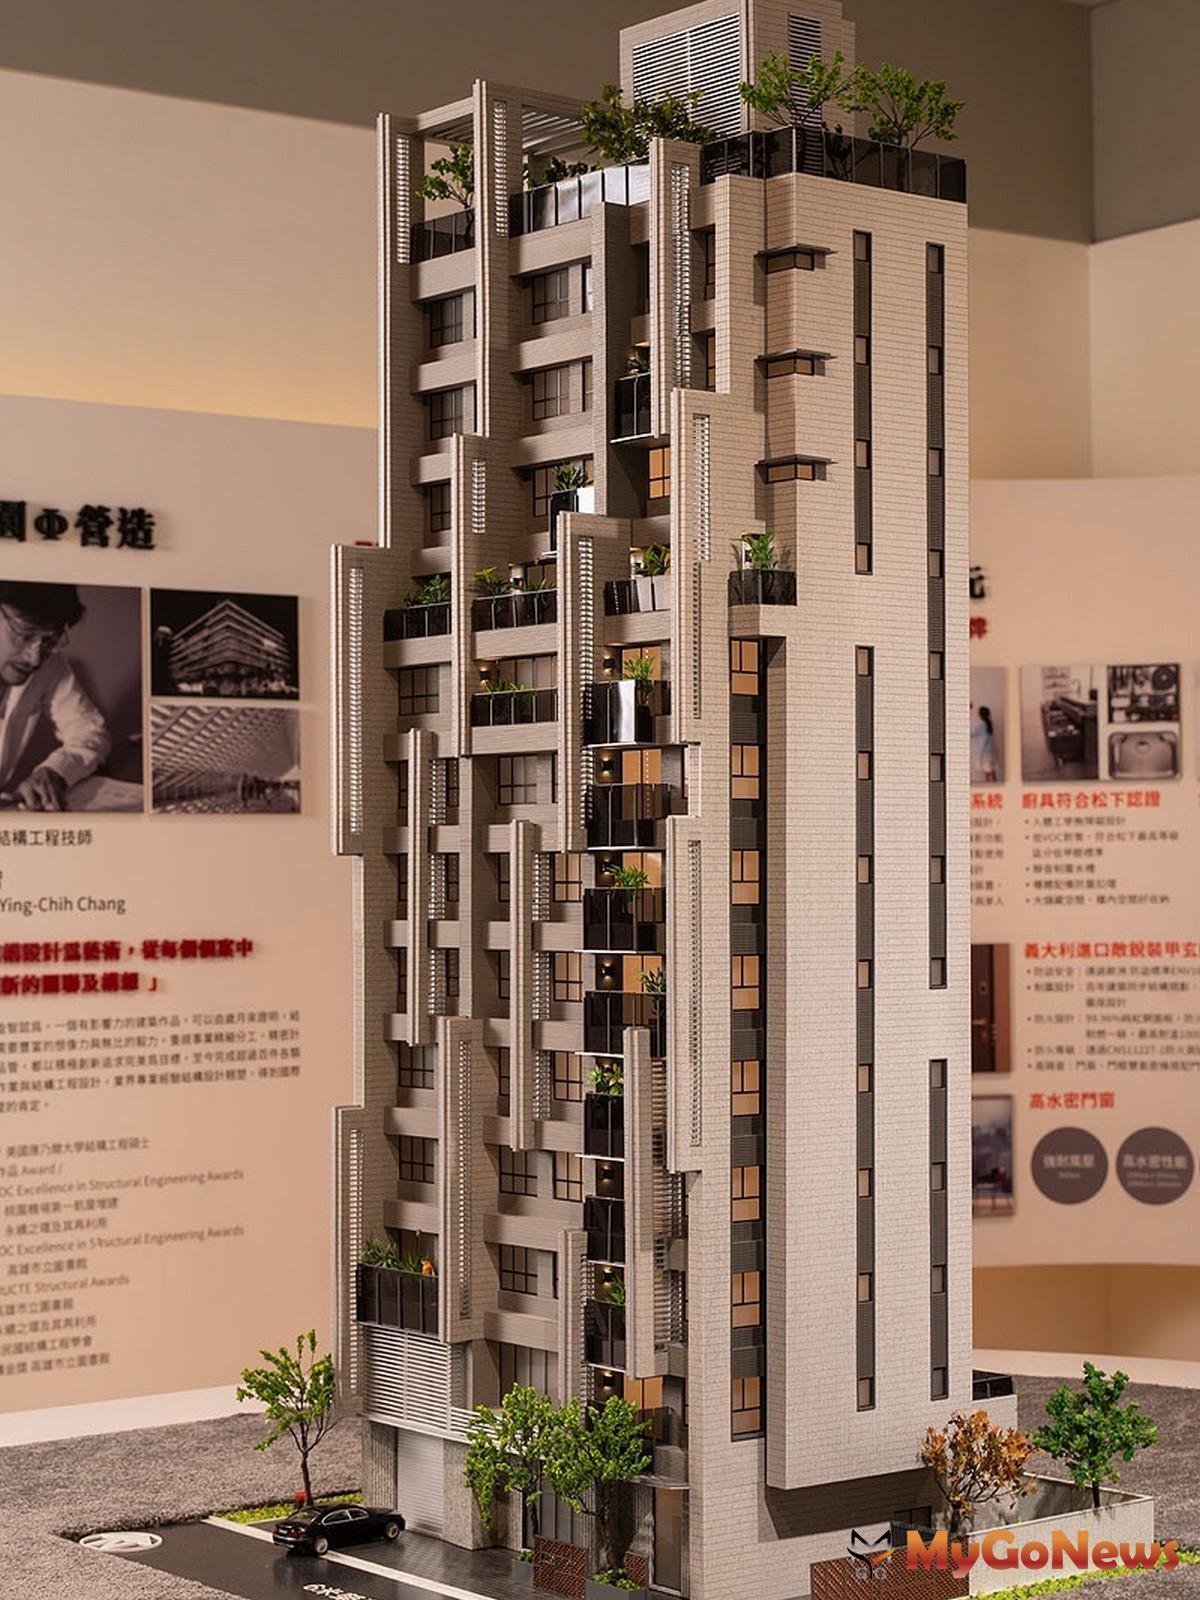 「璞園袖里春」建築模型。(圖/業者提供) MyGoNews房地產新聞 熱銷推案